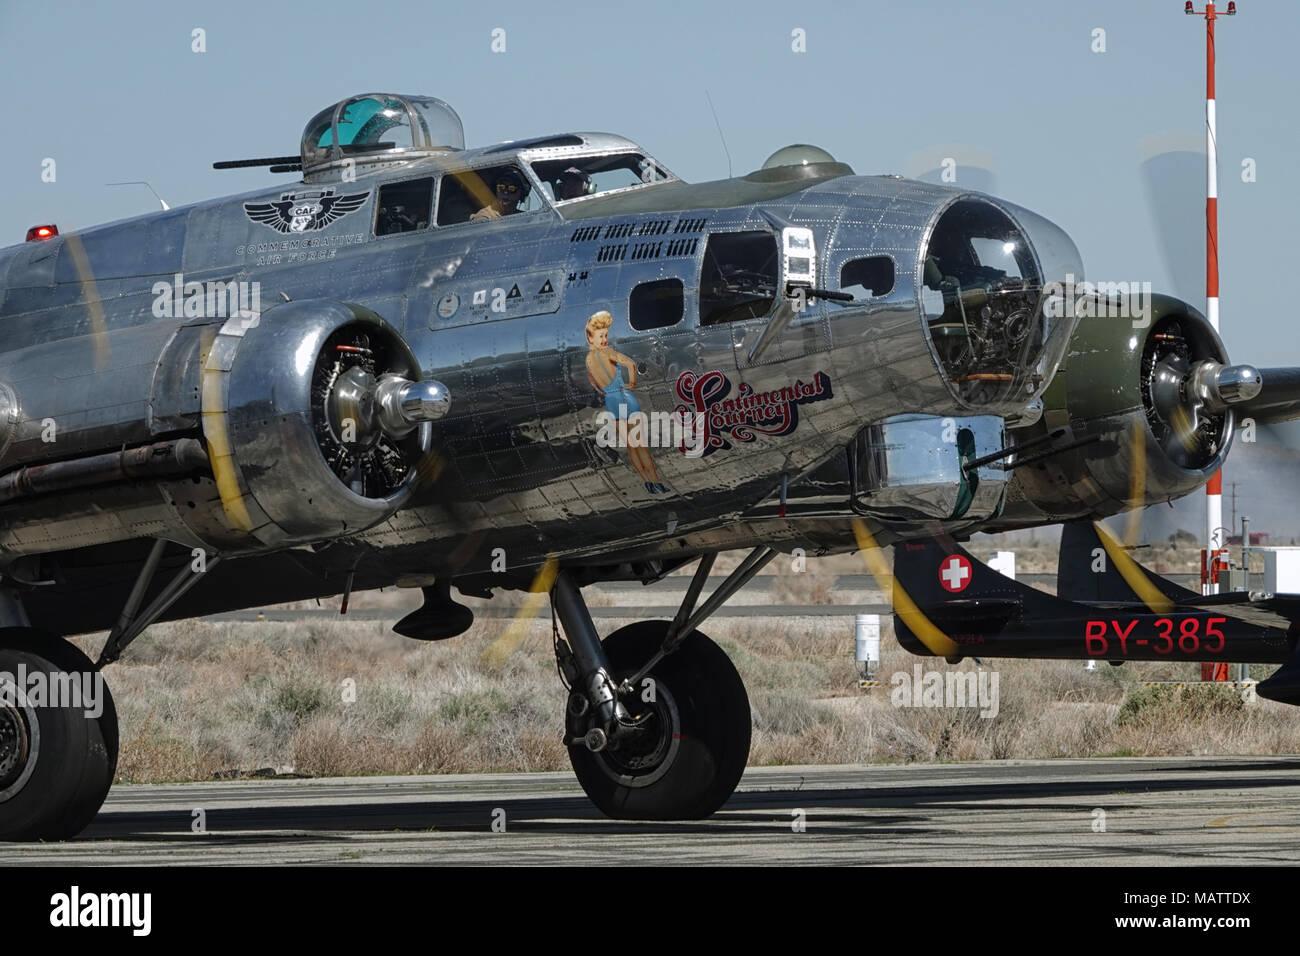 """Lancaster, CA / USA - Marzo 25, 2018: Un Boeing B-17 Flying Fortress, denominado """"Viaje Sentimental"""", lo prepara para un vuelo en el L.A. County Air Show. Foto de stock"""